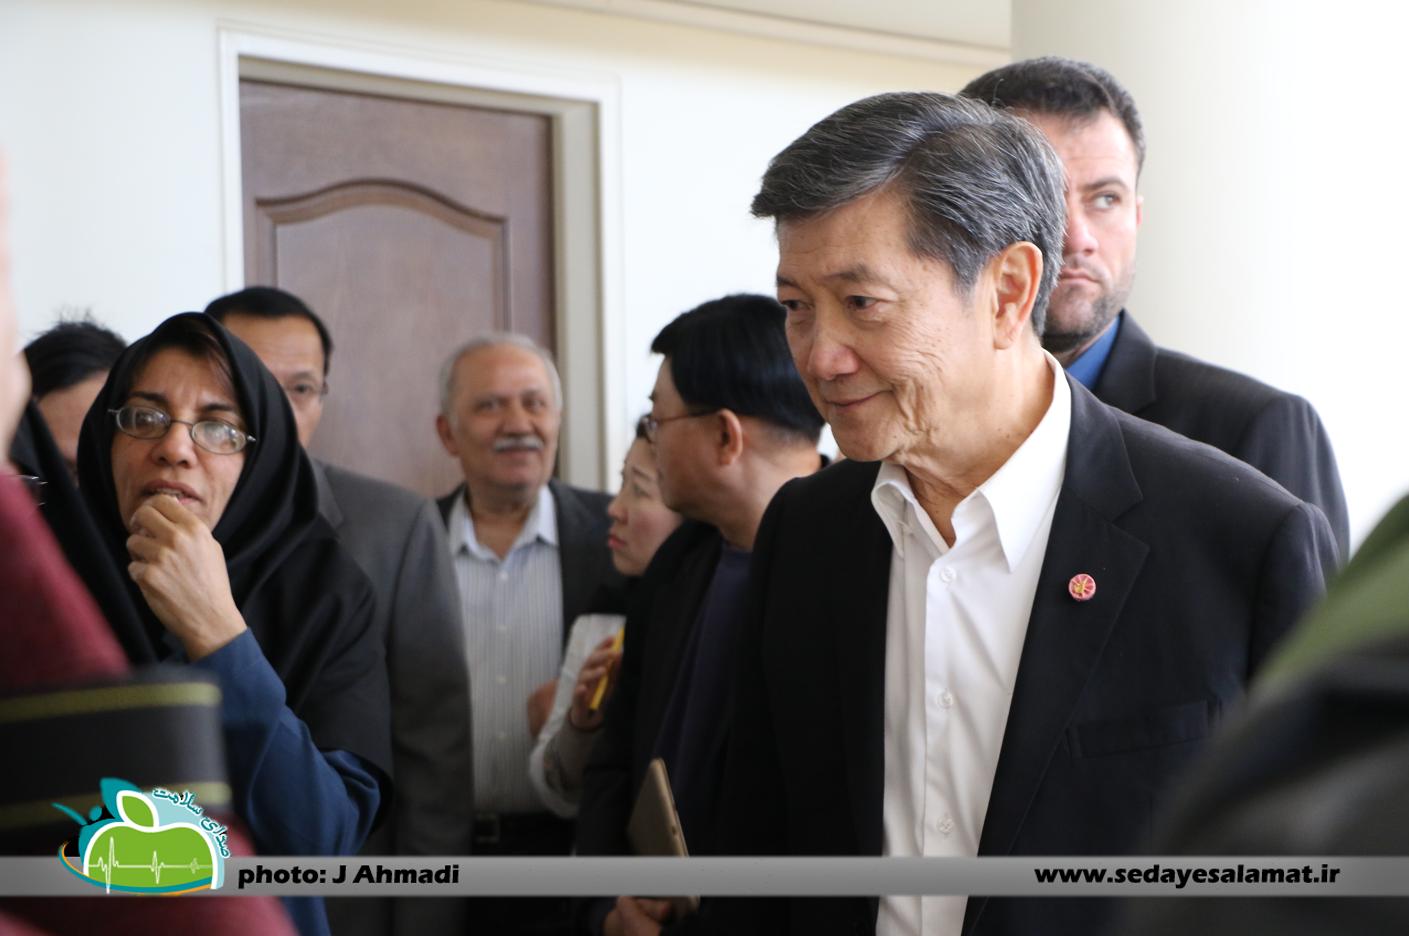 سفر وزیر بهداشت تایلند به اصفهان (28)